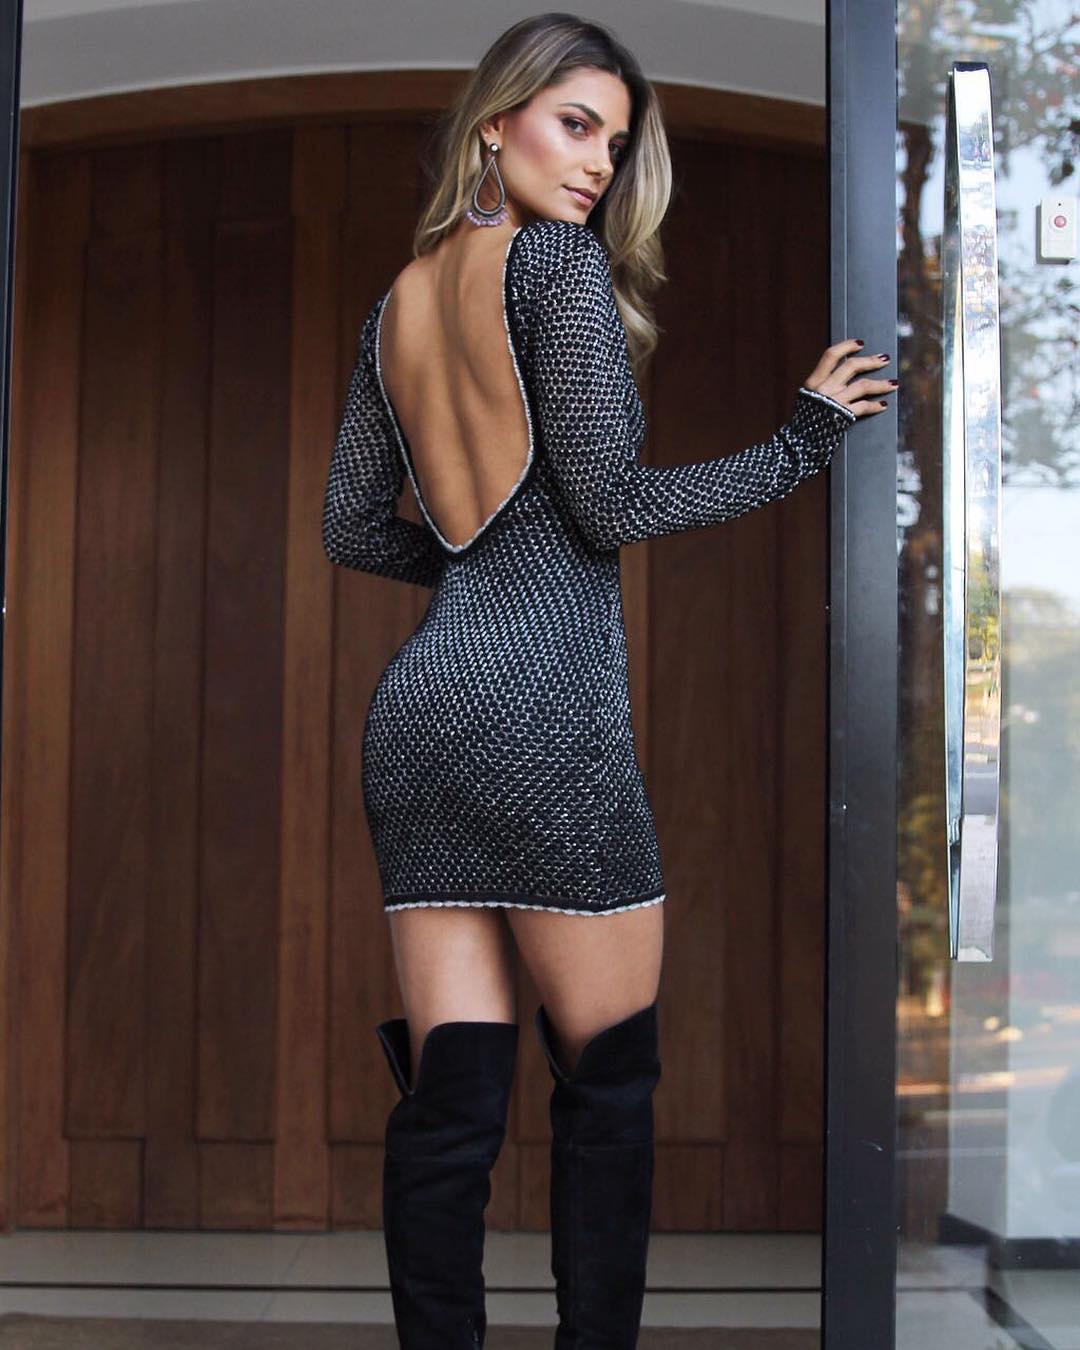 Imagenes-de-moda-para-mujeres111